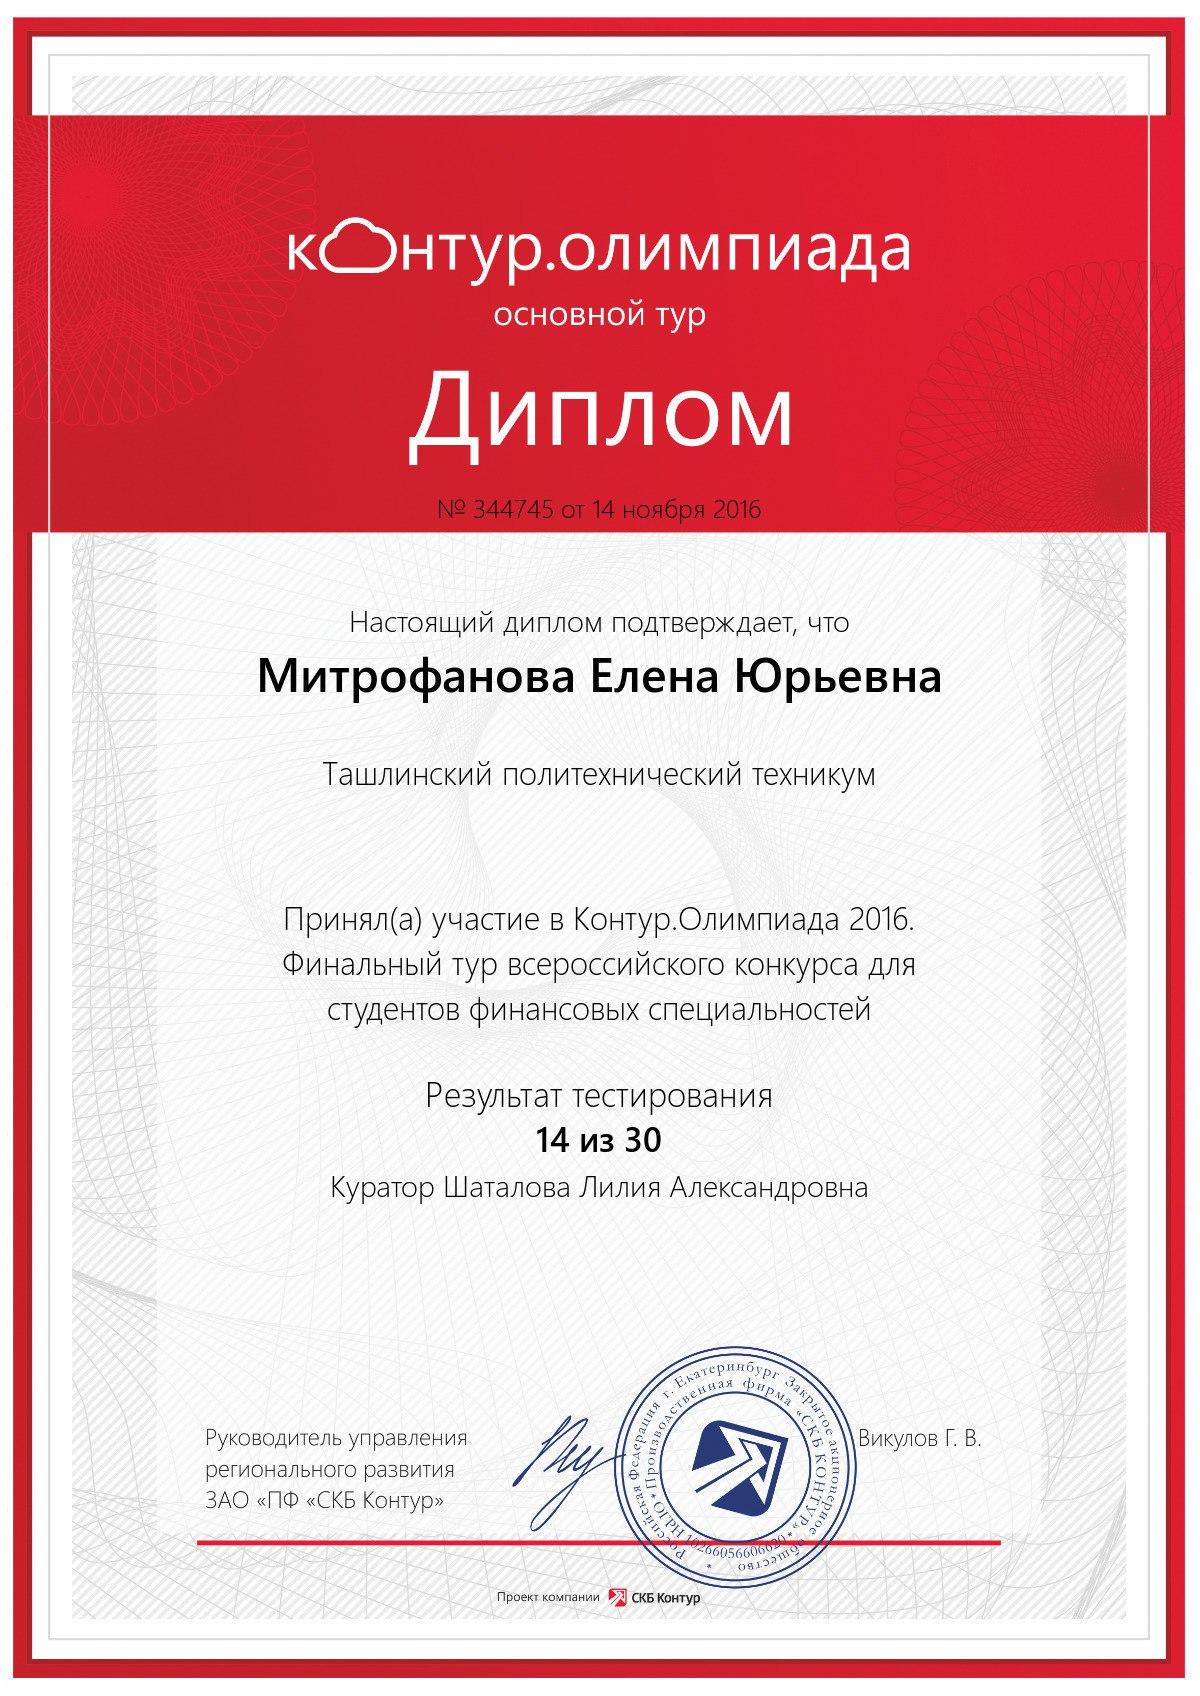 всероссийские конкурсы для студентов 2016 могла конца прочесть